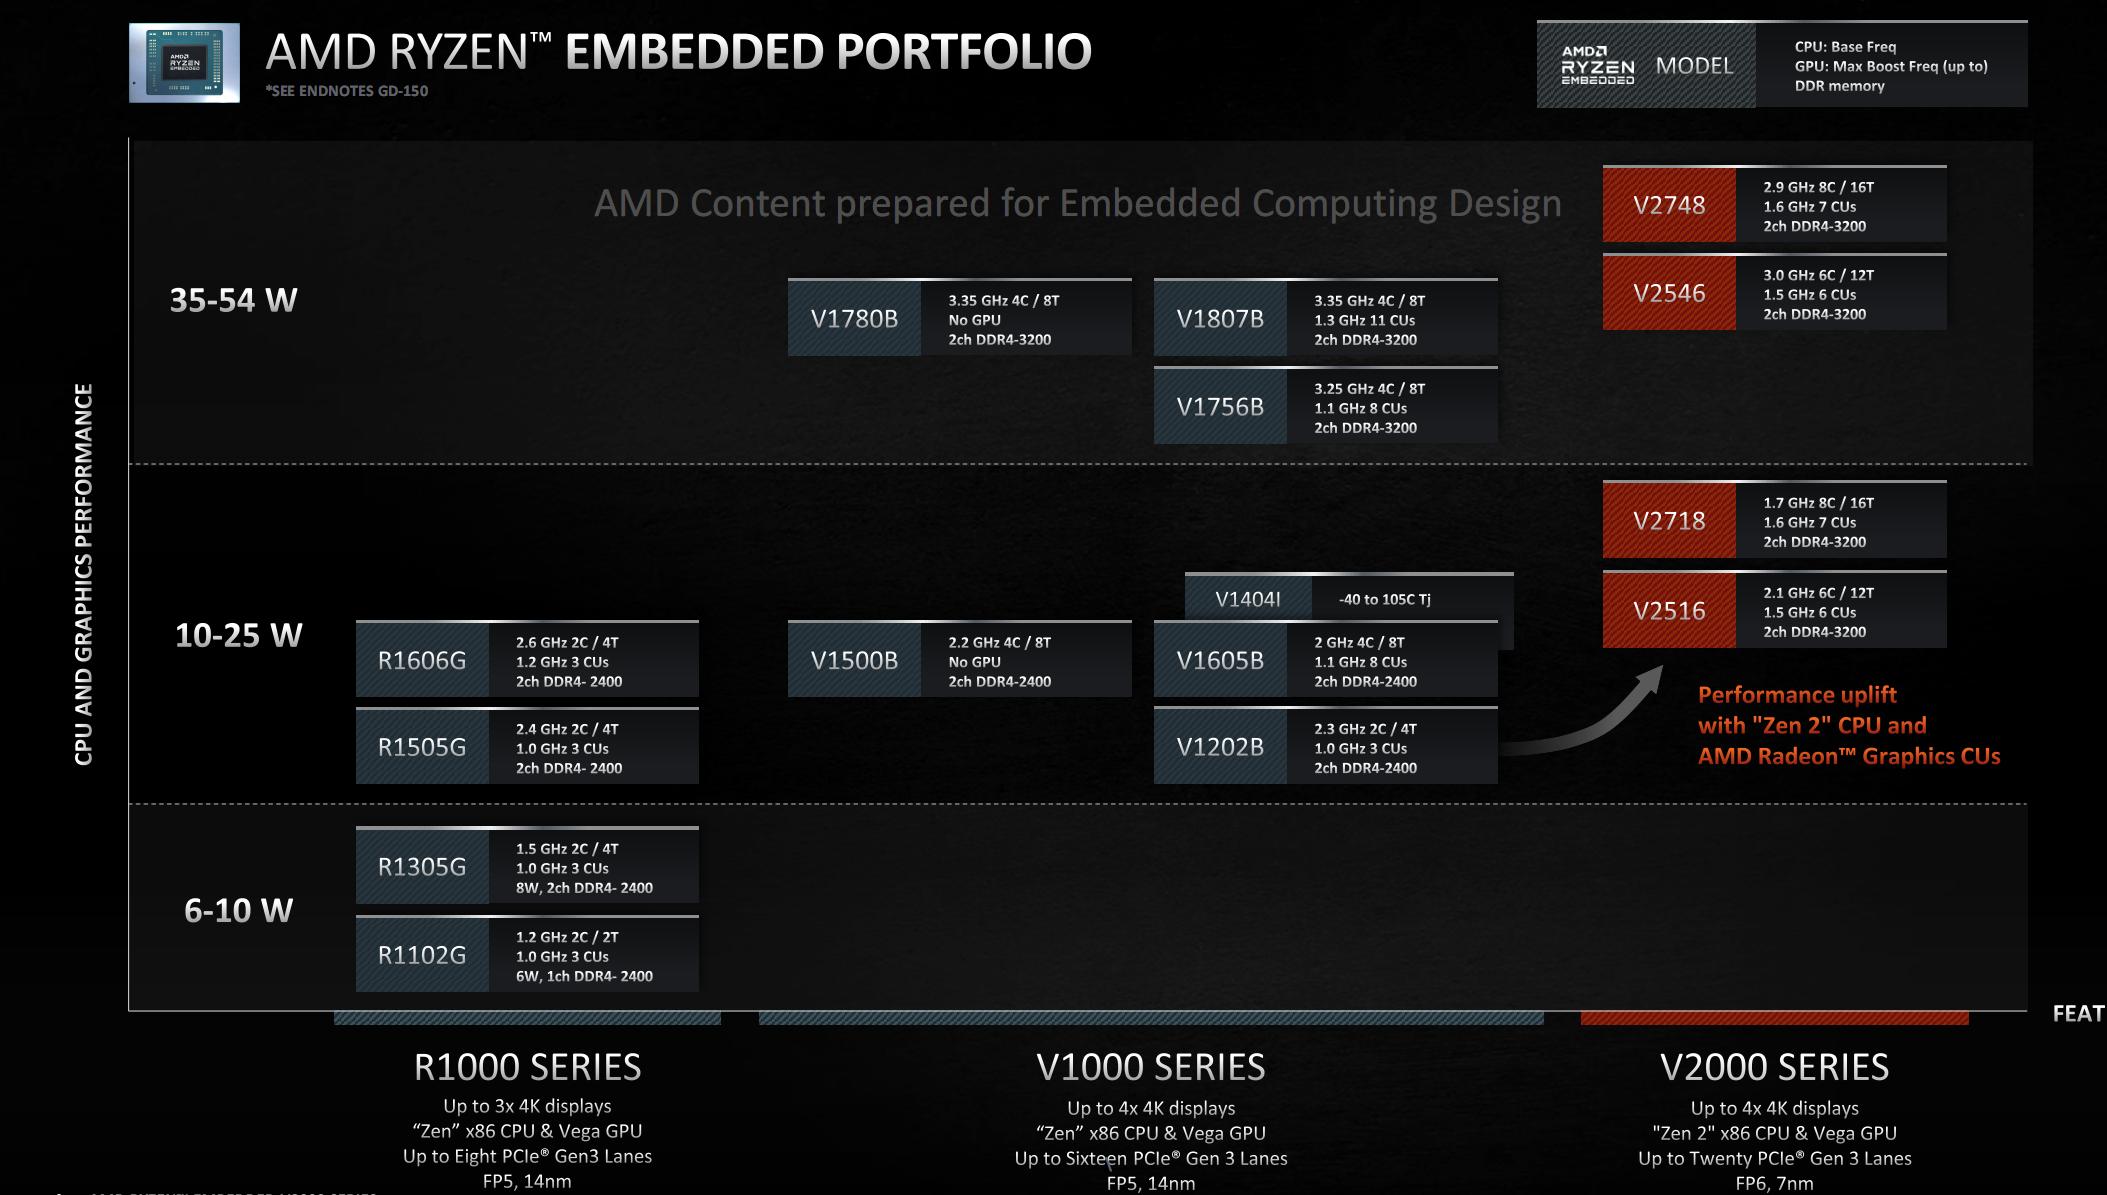 AMD RYzen Embedded portfolio